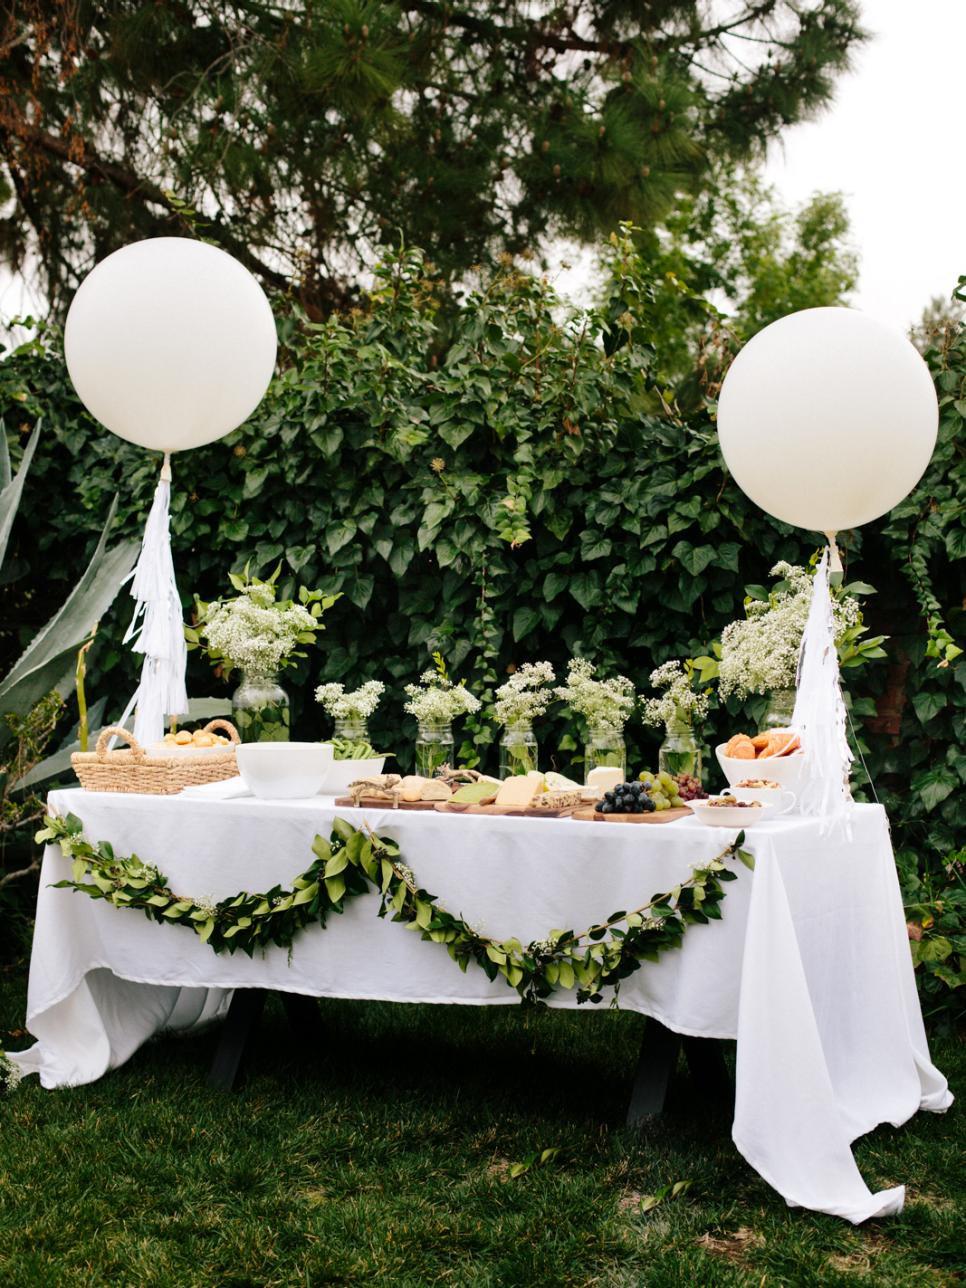 Engagement Party Ideas - Engagement party decor